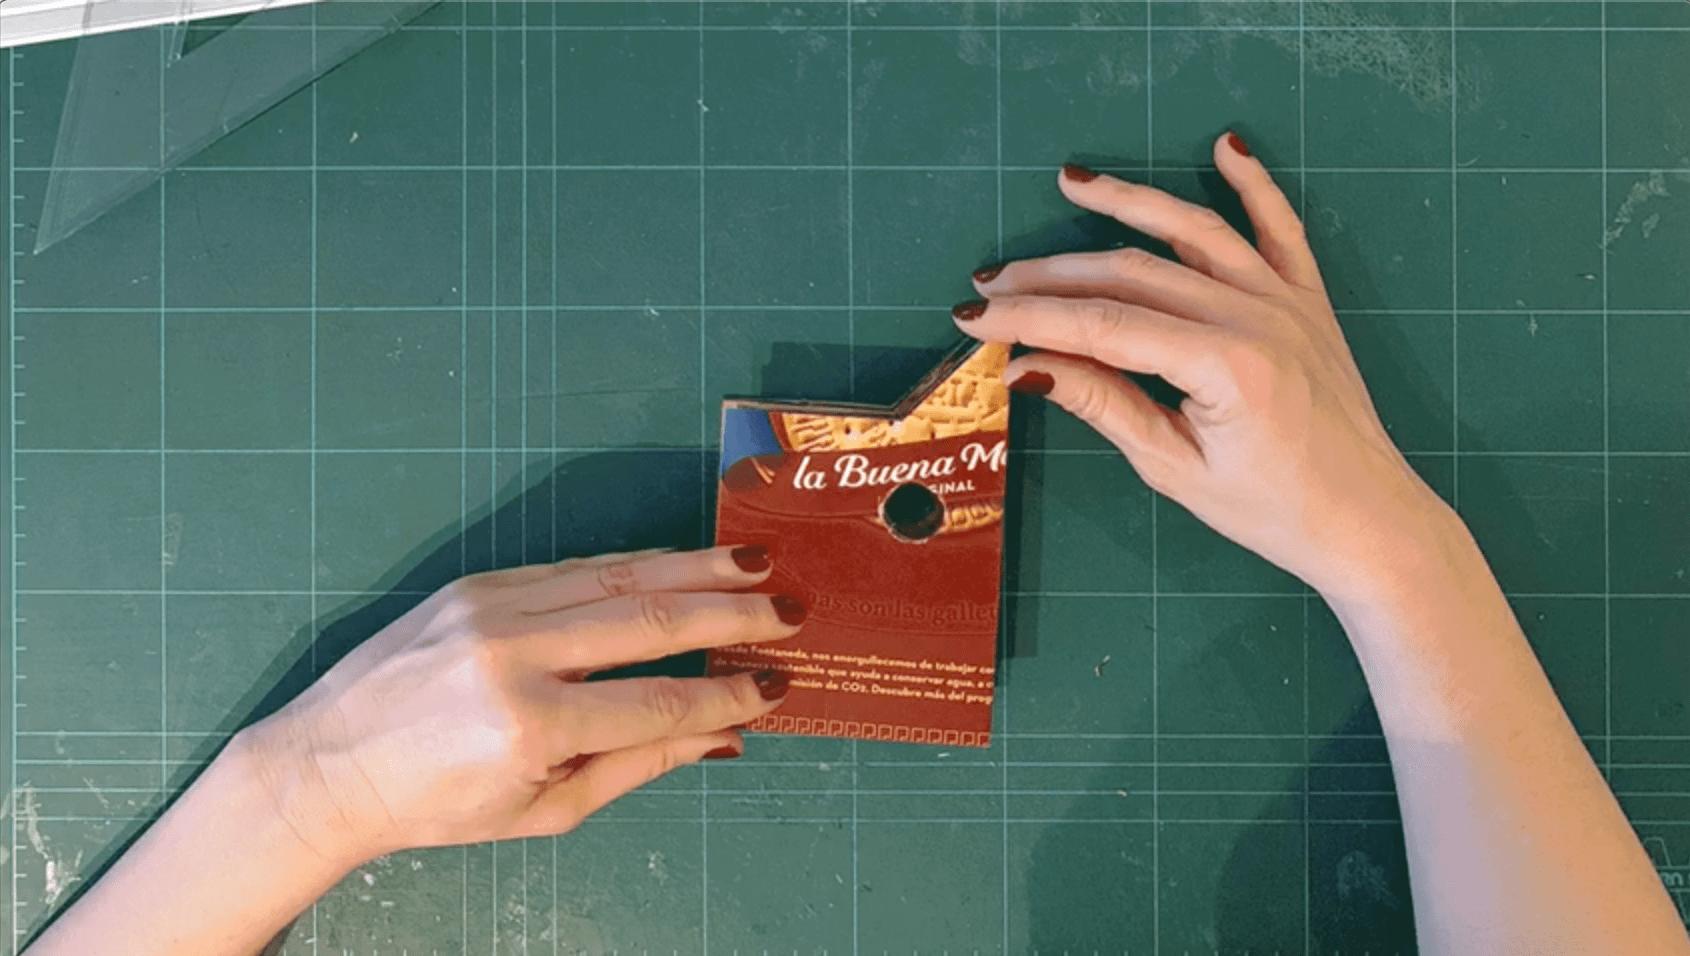 El Protector de manillas DIY que evita contagios que puedes construir gratis 85